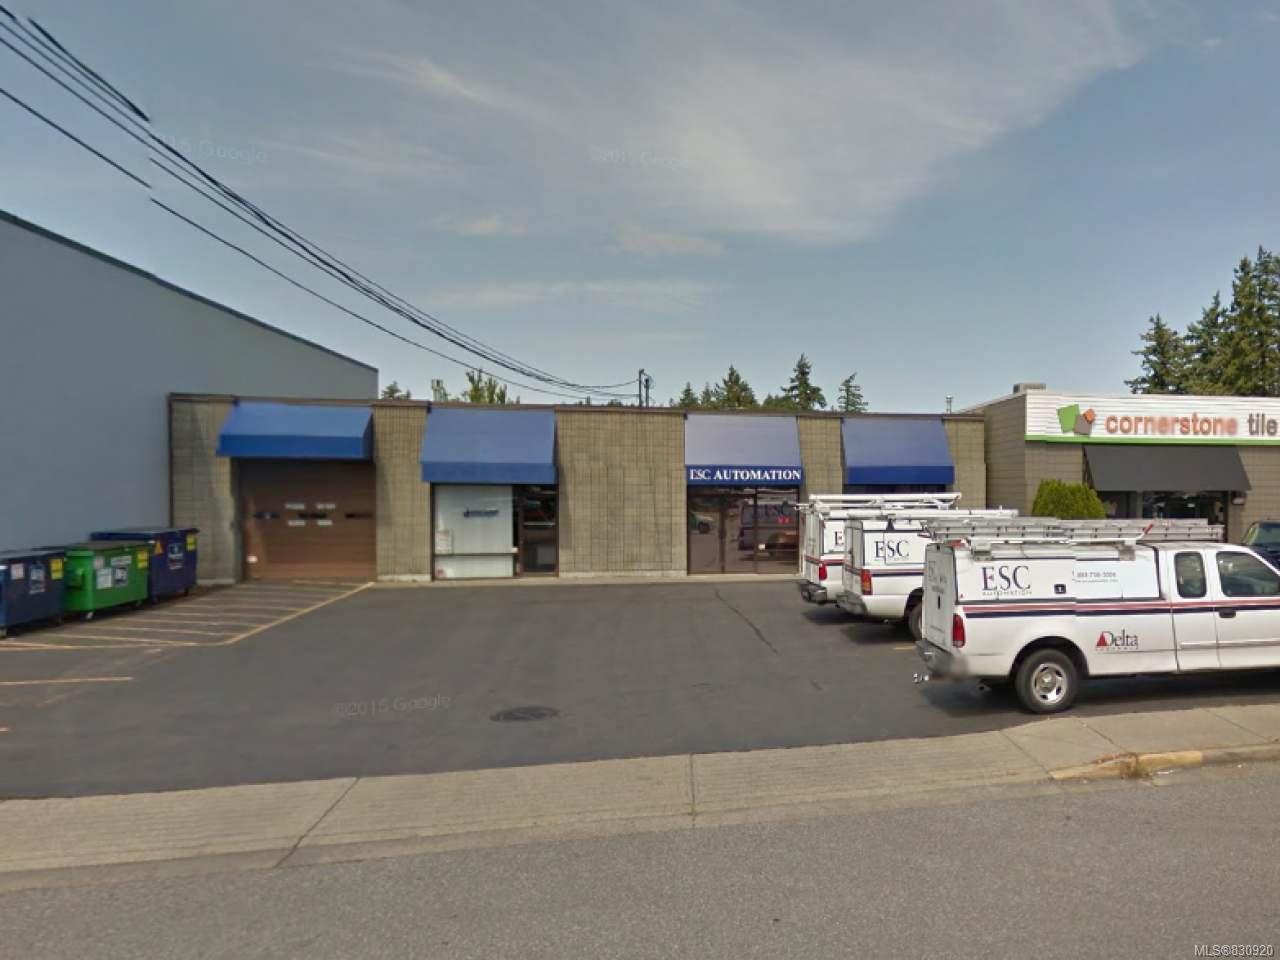 Main Photo: 3057 Barons Rd in NANAIMO: Na Uplands Mixed Use for sale (Nanaimo)  : MLS®# 830920